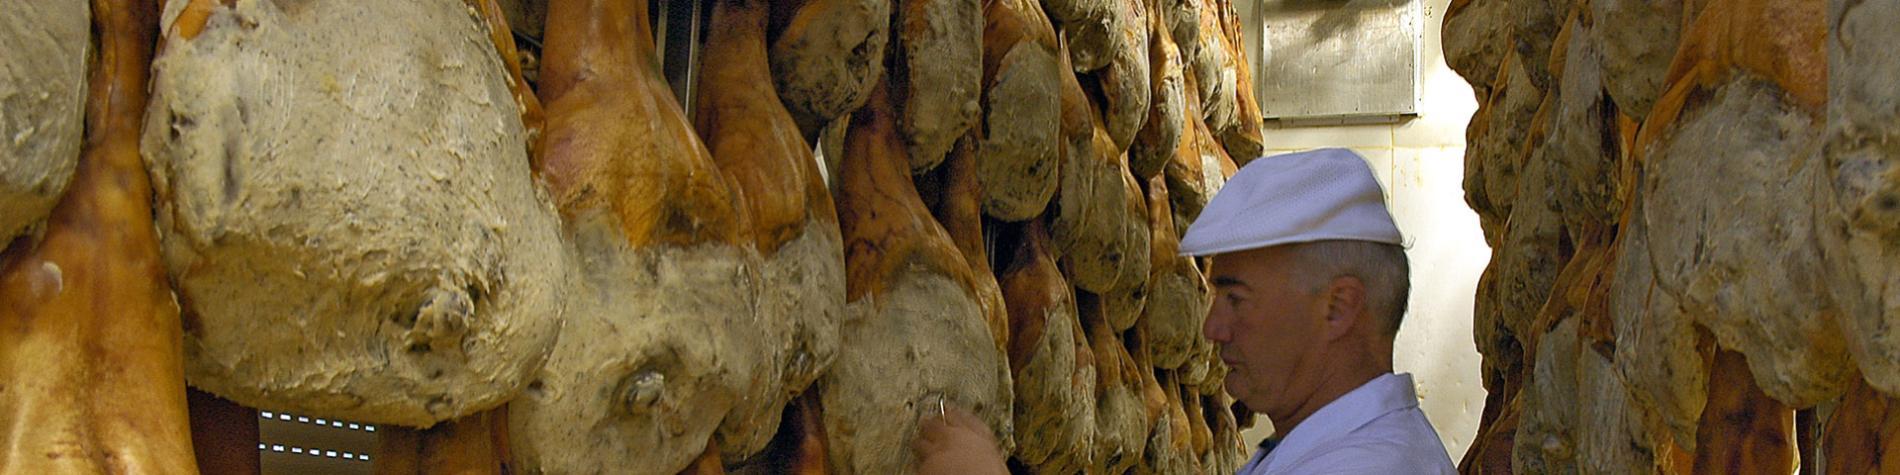 Hartman & Fils - atelier - boutique - Musée du Cochon